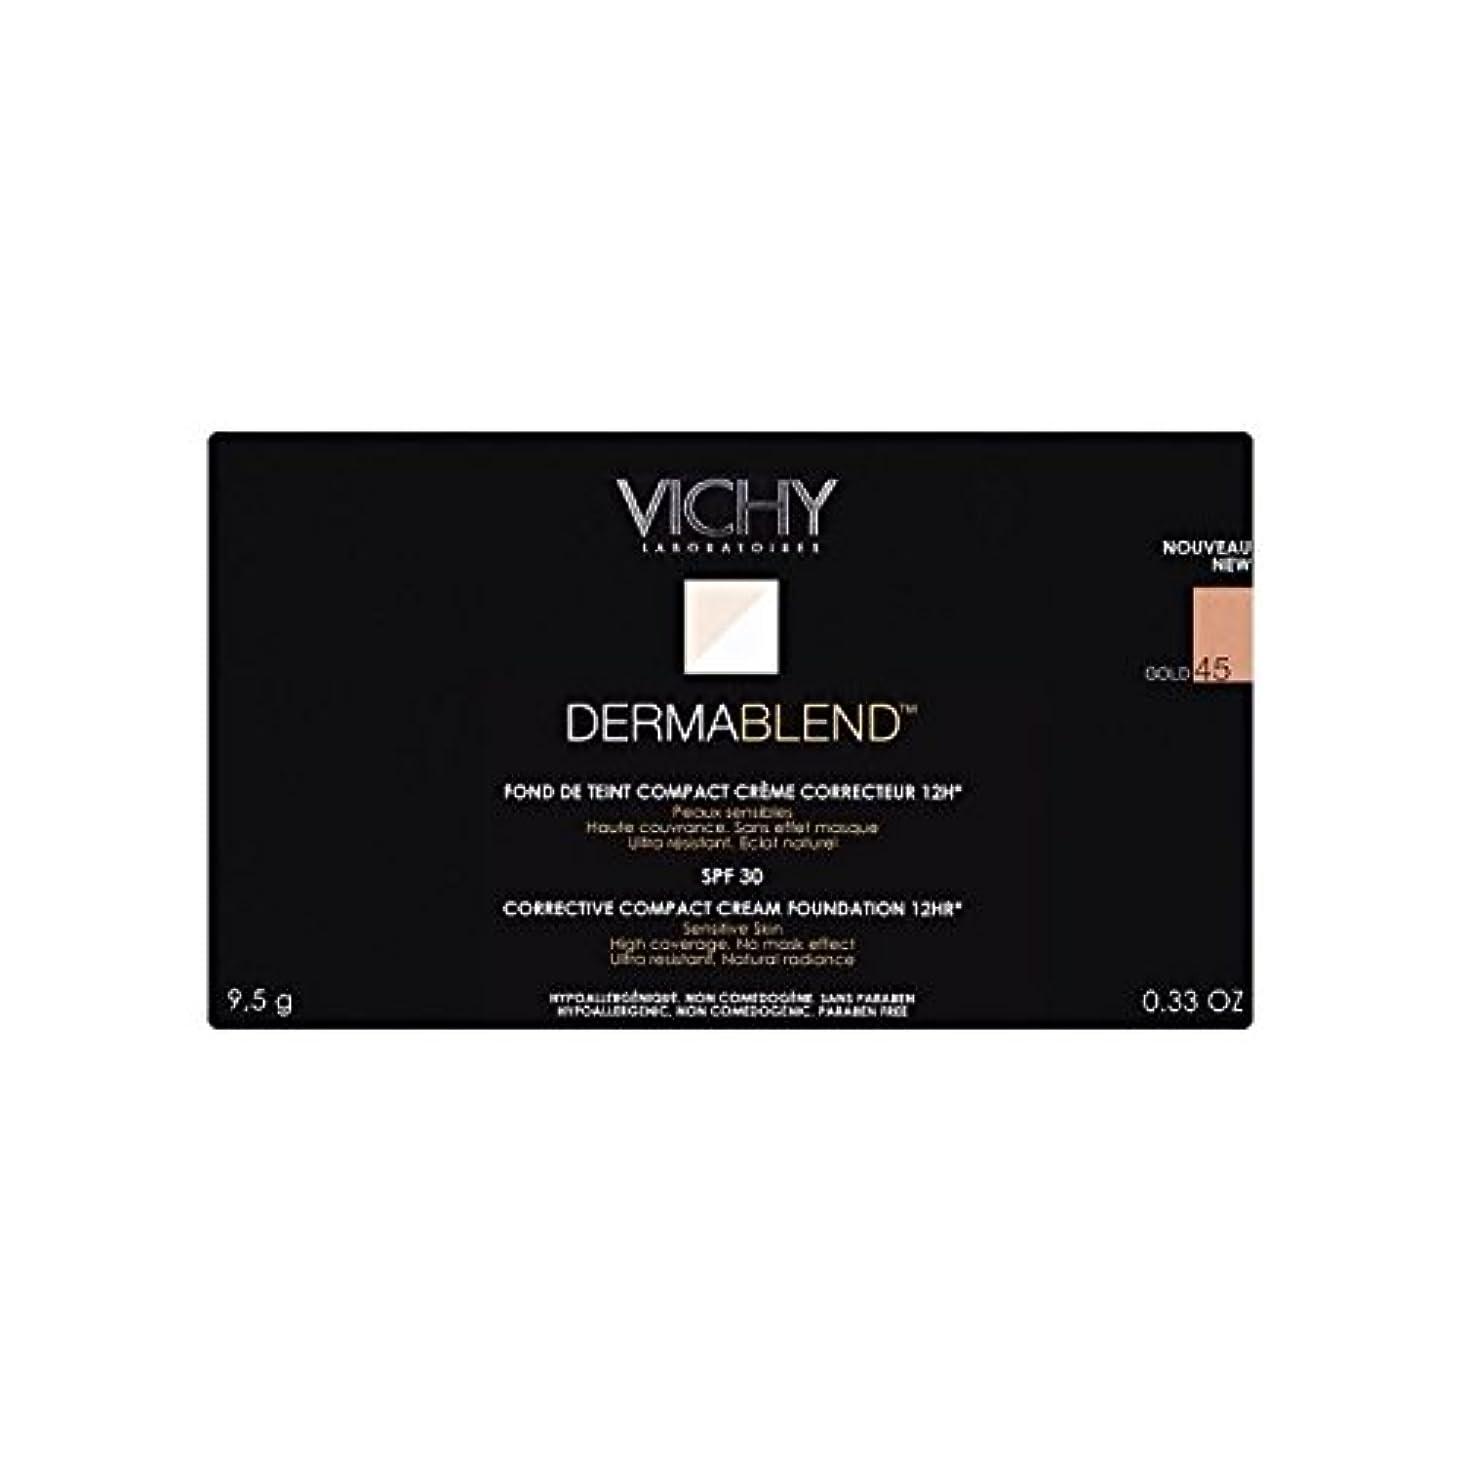 アトラス小さな検体Vichy Dermablend Corrective Compact Cream Foundation Gold 45 - ヴィシー是正コンパクトクリームファンデーション金45 [並行輸入品]